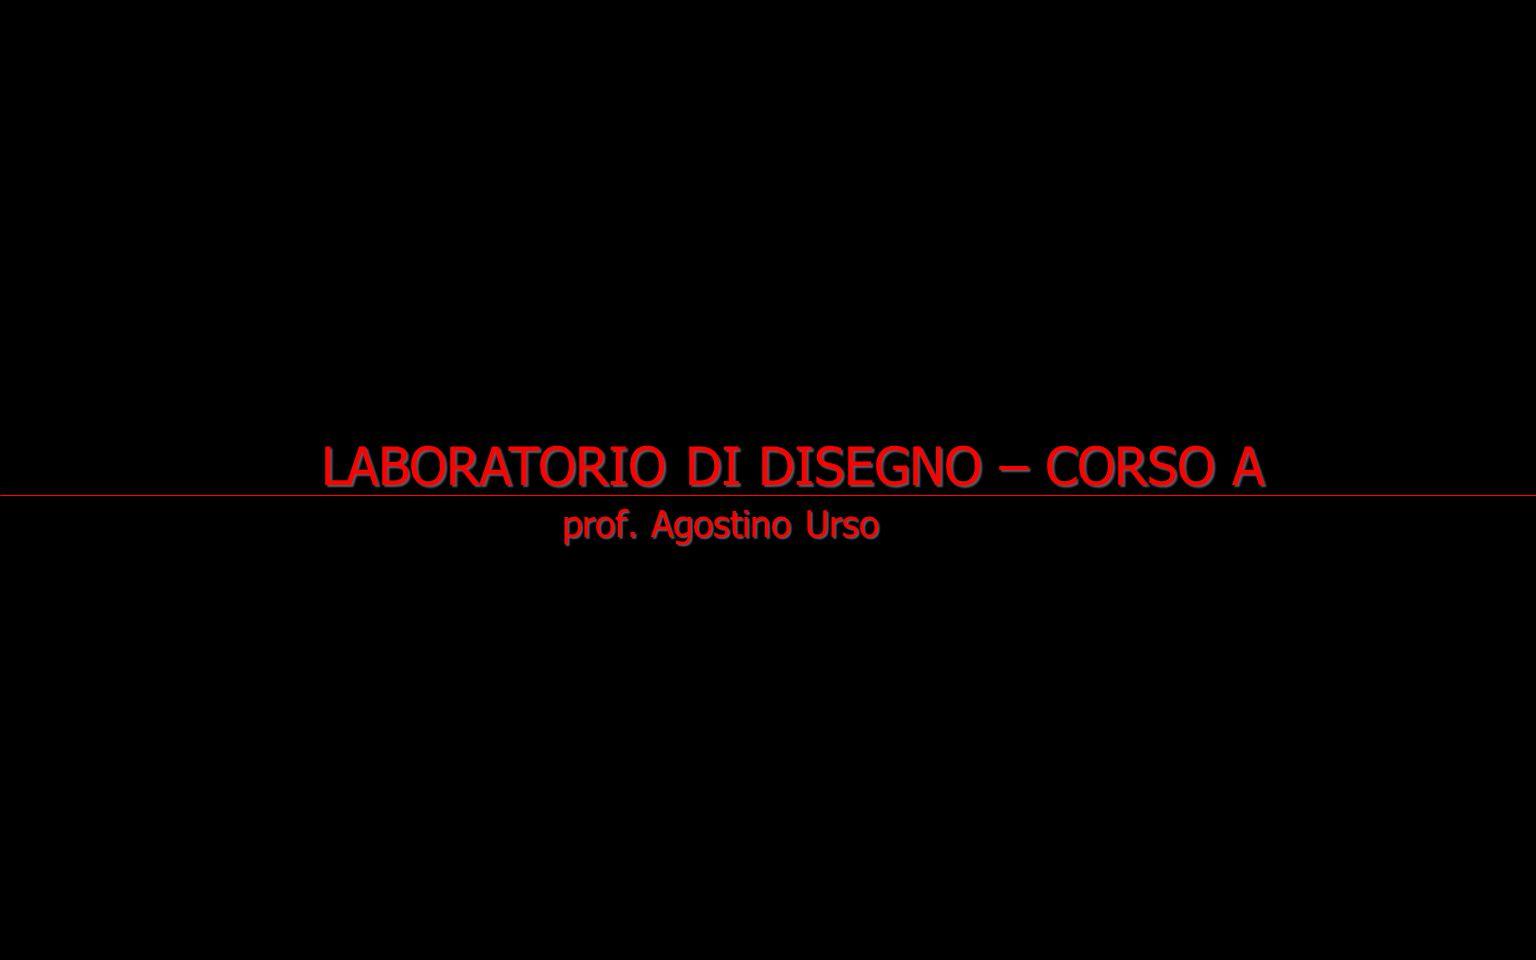 prof. Agostino Urso prof. Agostino Urso LABORATORIO DI DISEGNO – CORSO A